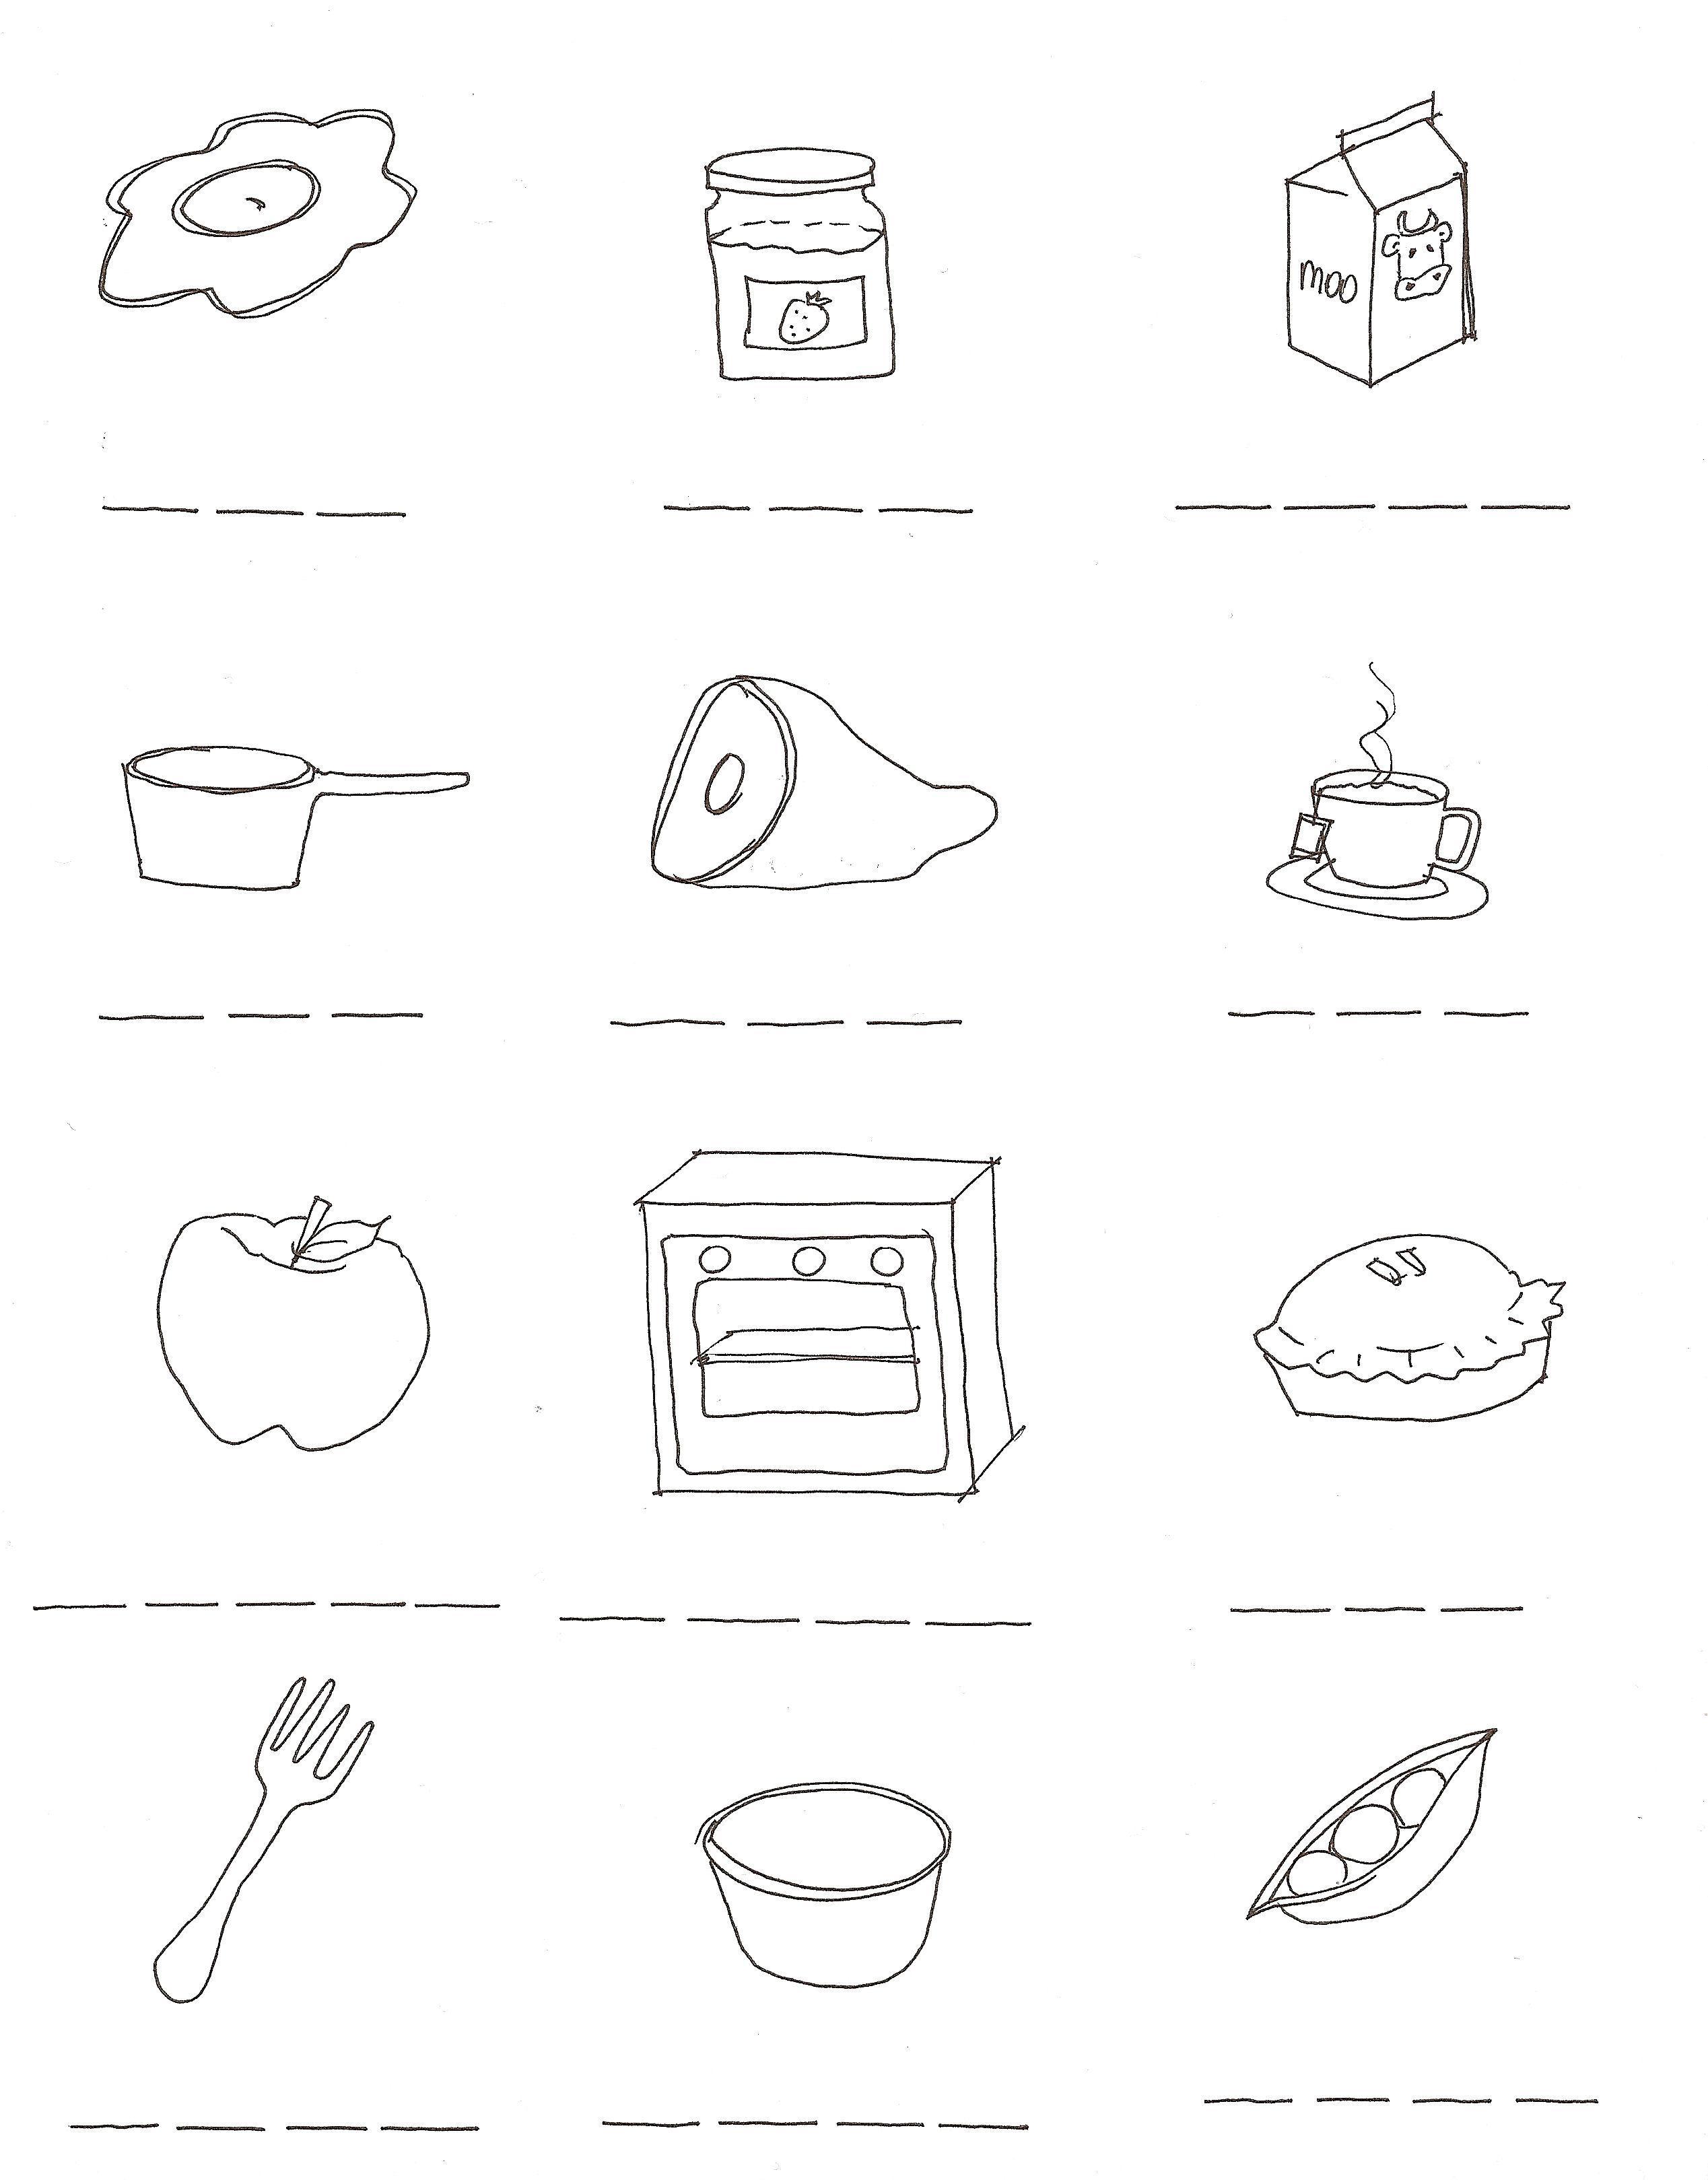 misc-foods